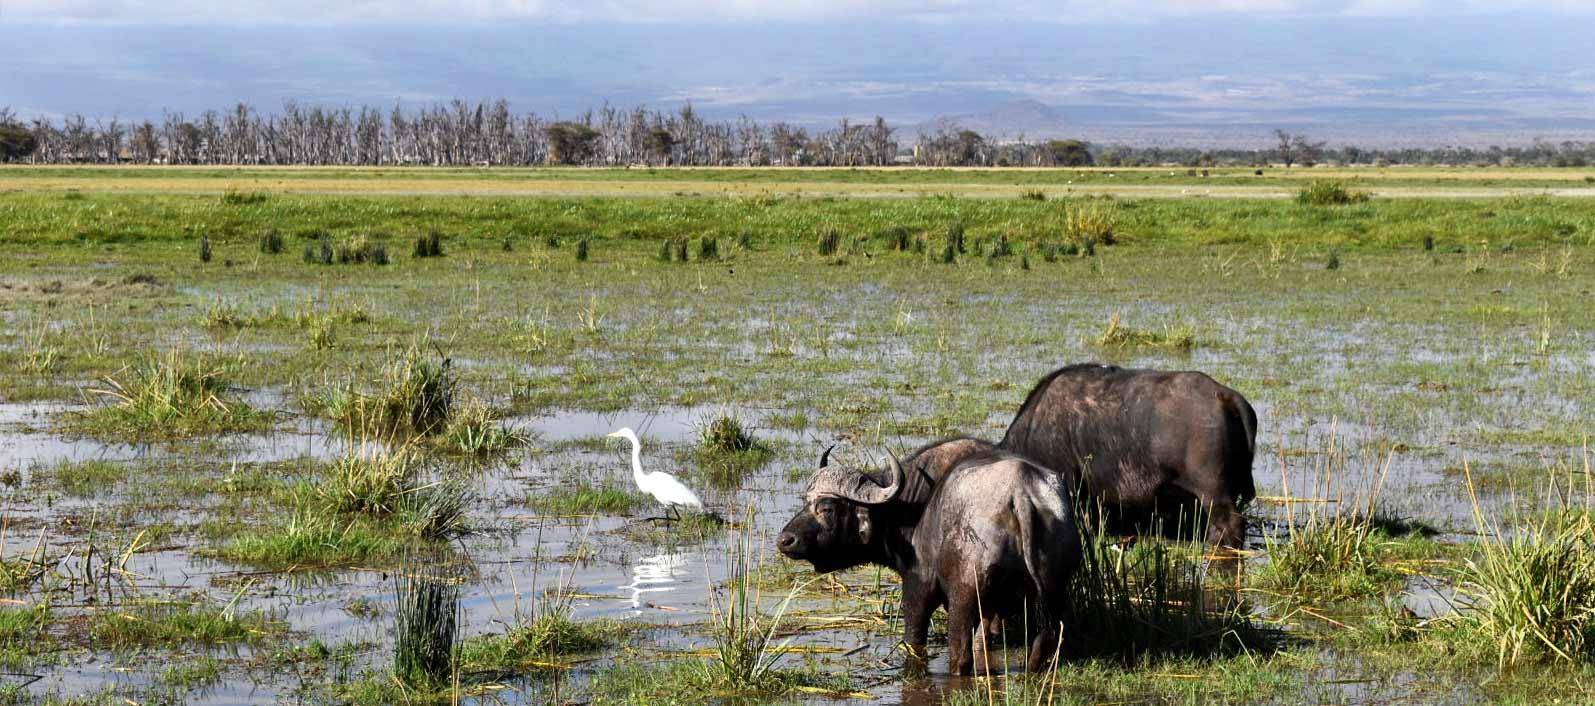 Testimonio de Safari en Kenia de Bea y Chema - bufalos